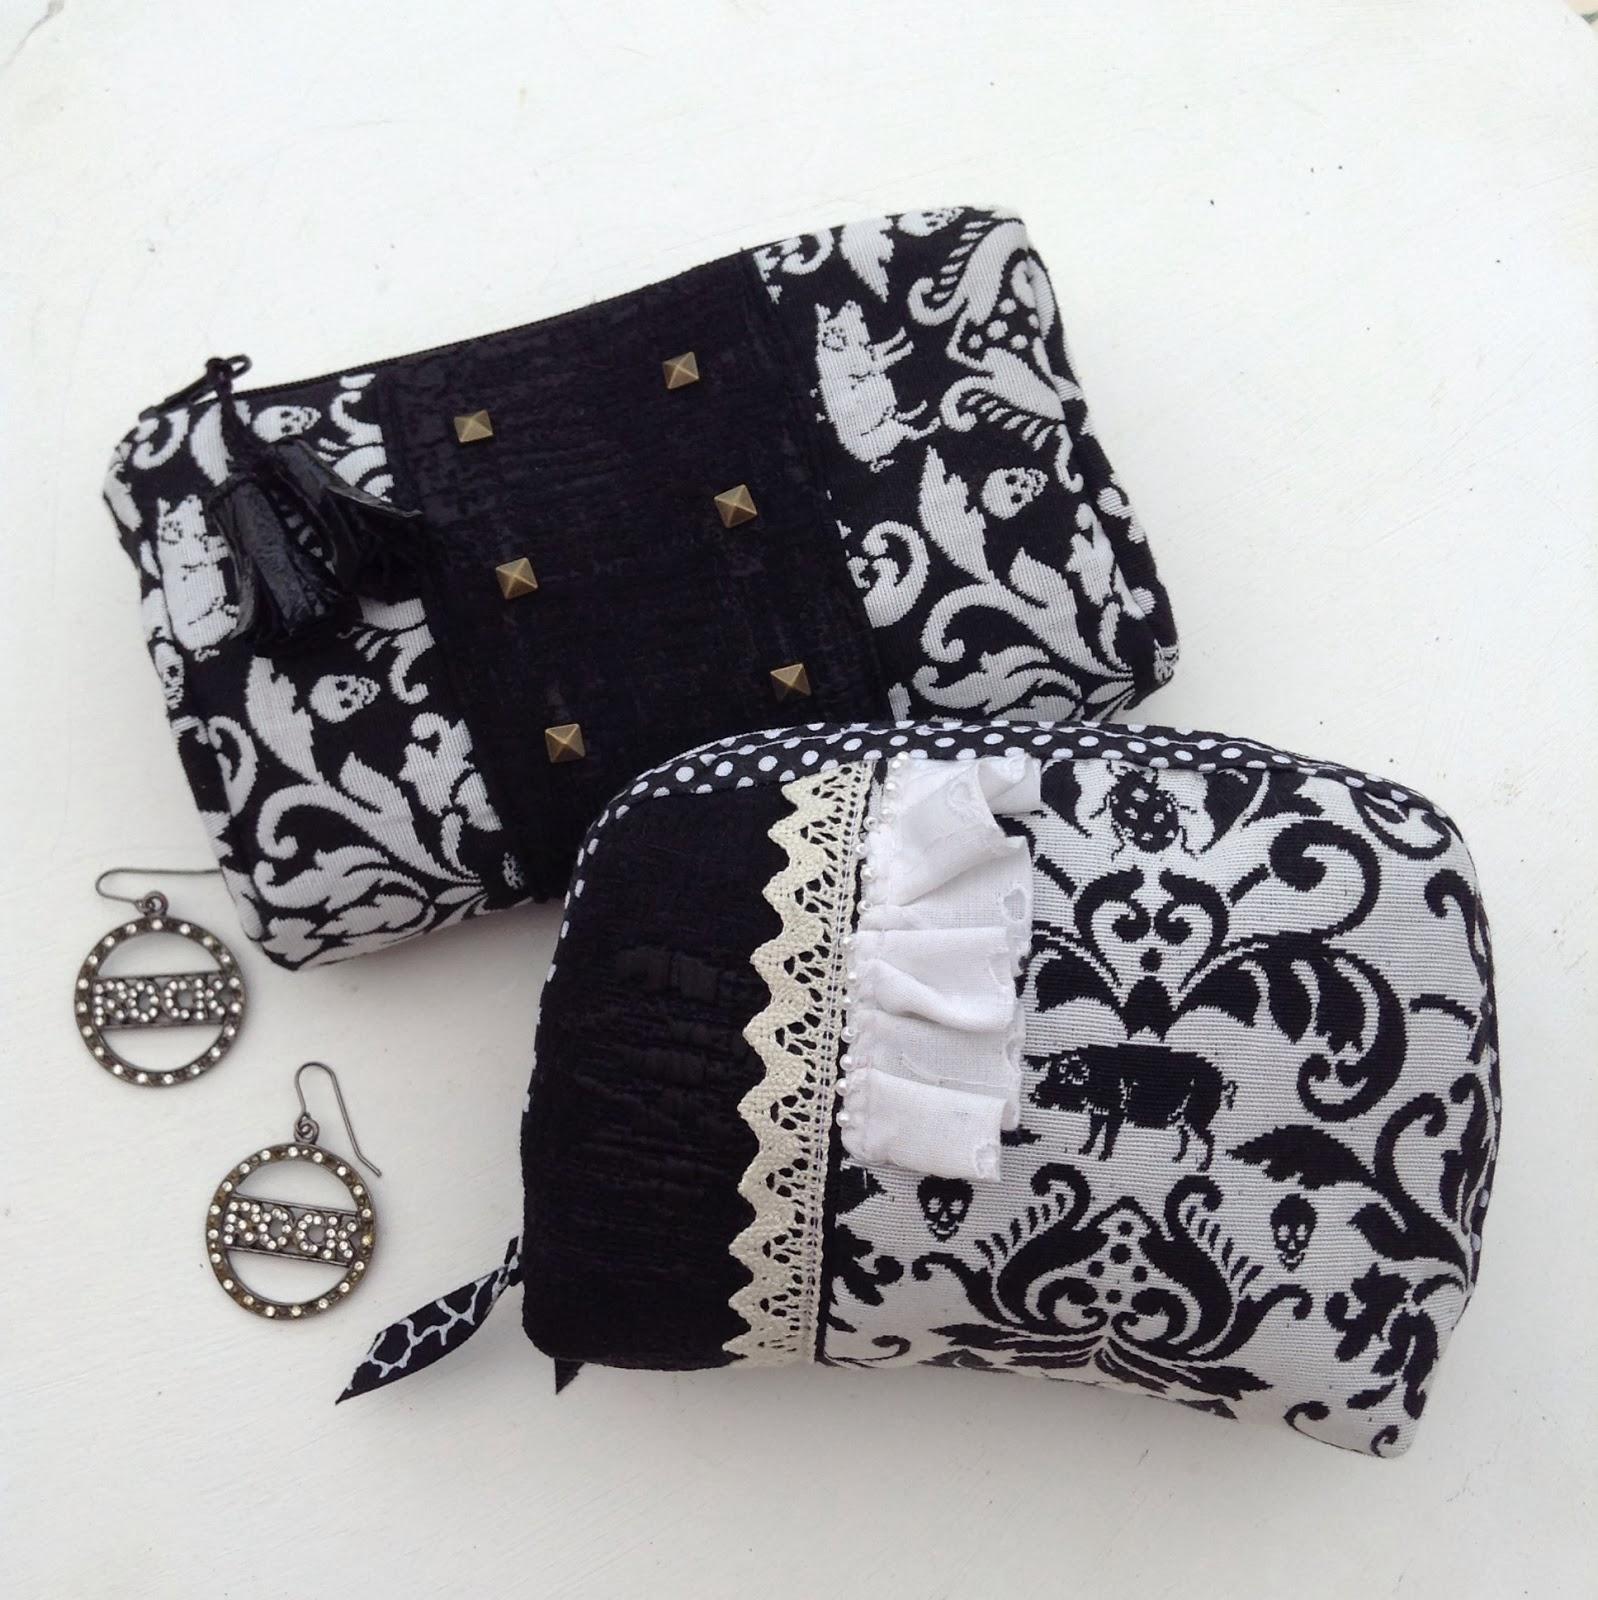 Pochettes en noir et noir tissu ameublement clous dentelle